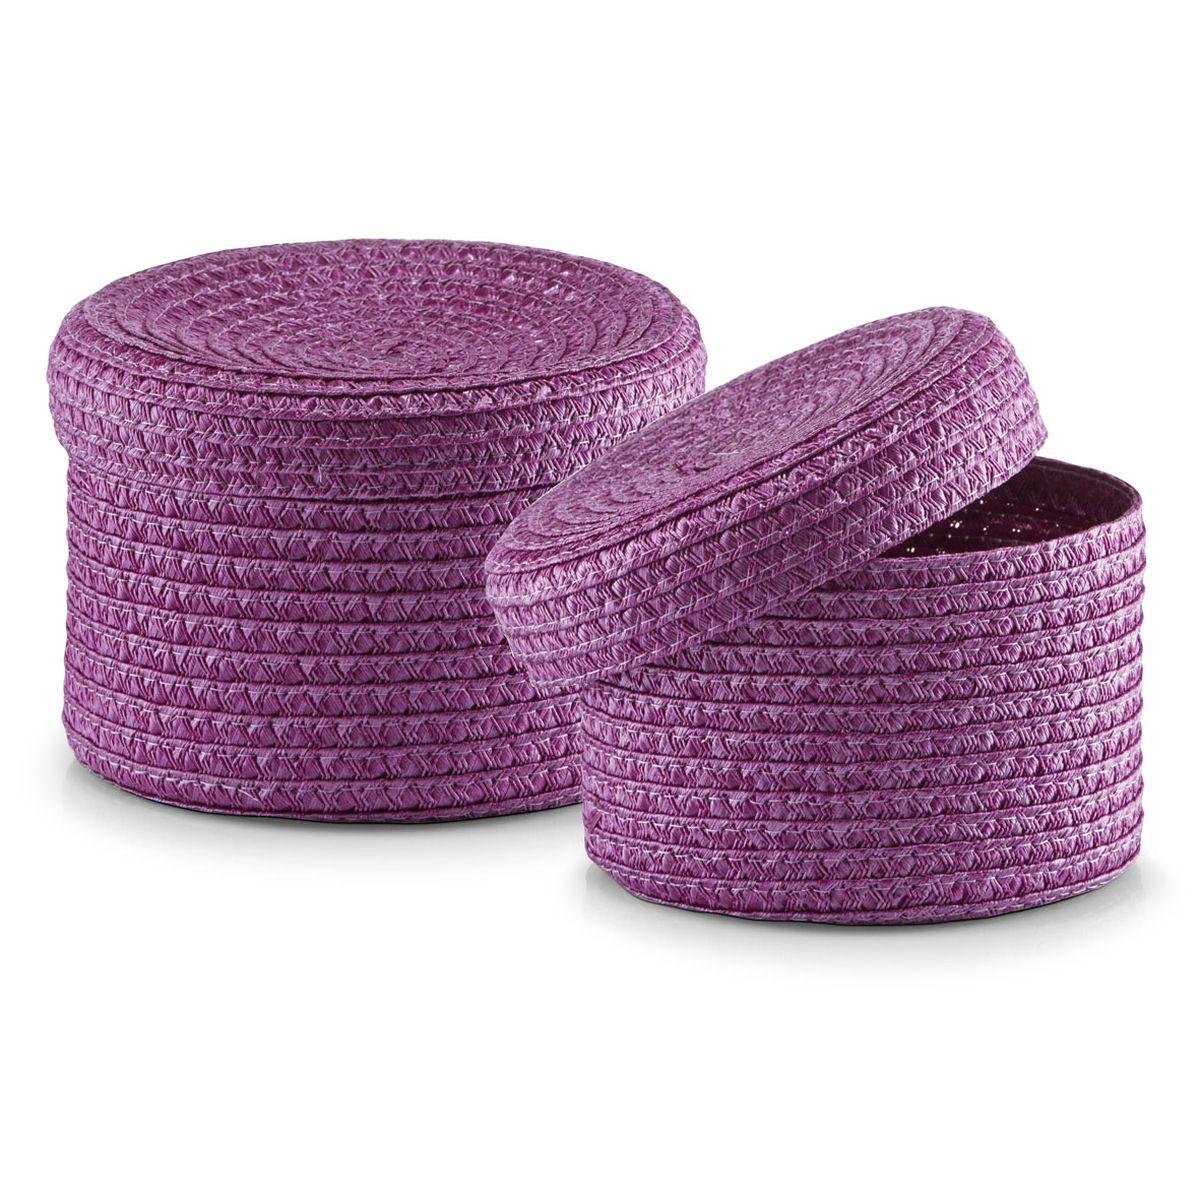 Набор корзин Zeller с крышками, цвет: фиолетовый, 2 шт28907 4Набор Zeller состоит из двух корзин разного размера. Корзинки изготовлены из текстиля и оснащены крышками. Изделия идеально подходят для упаковки подарков, цветочных композиций и подарочных наборов, для хранения различных вещей и аксессуаров. Так же они являются прекрасным декоративным элементом интерьера.Такие корзины будут создавать уют и комфорт в вашем доме и станут отличным подарком. Диаметр корзин: 16 см, 17 см. Высота корзин: 10 см, 12 см.